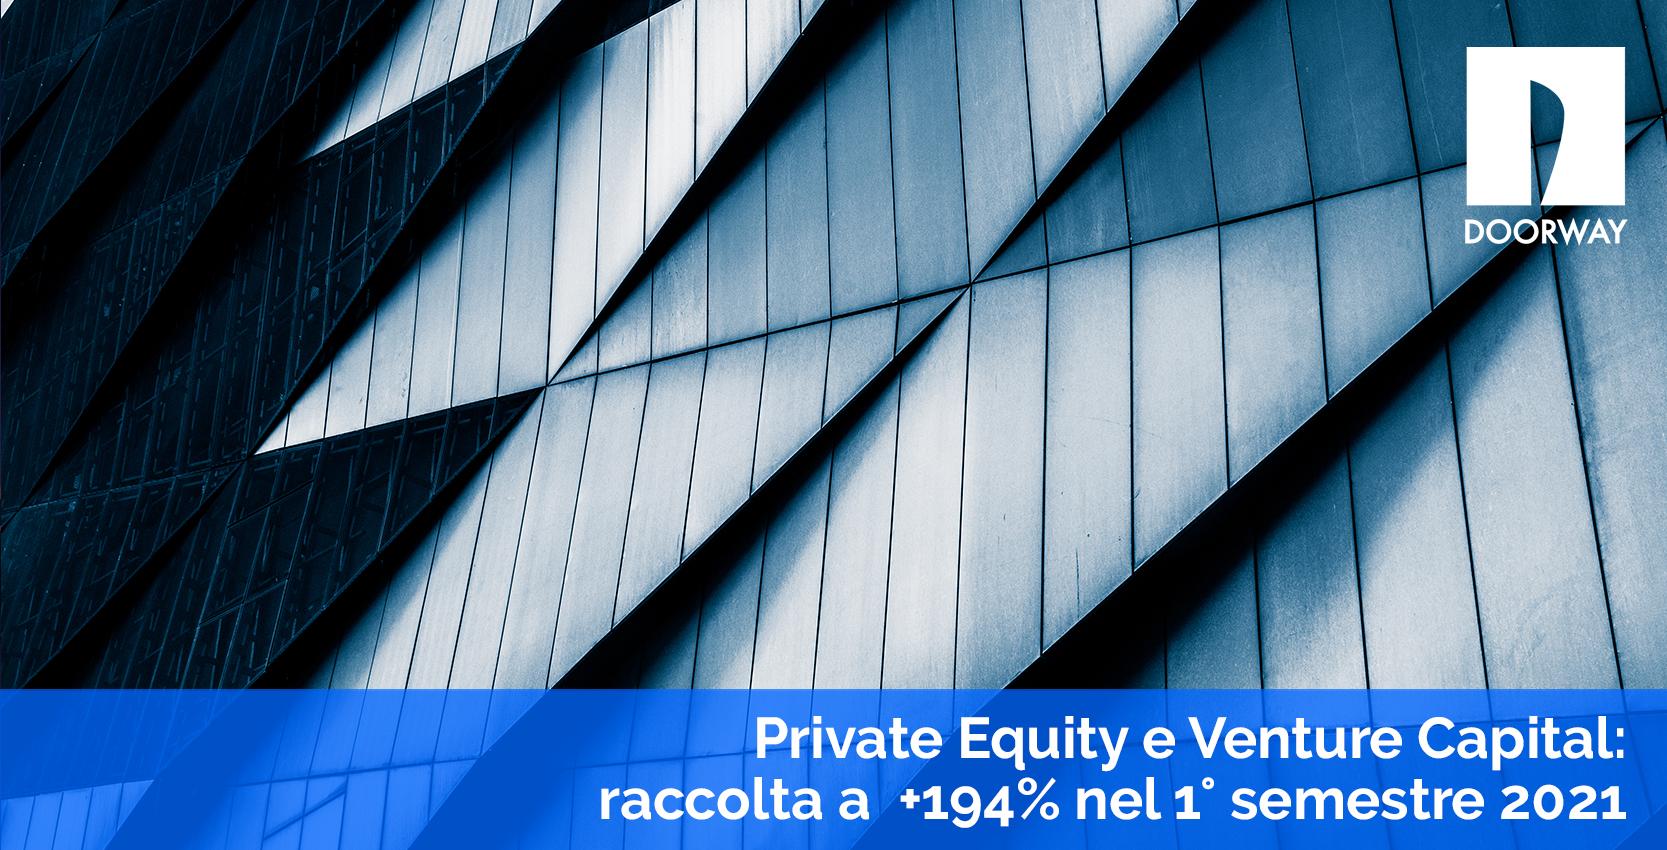 Private equity e venture capital: raccolta a +194% nel primo semestre 2021